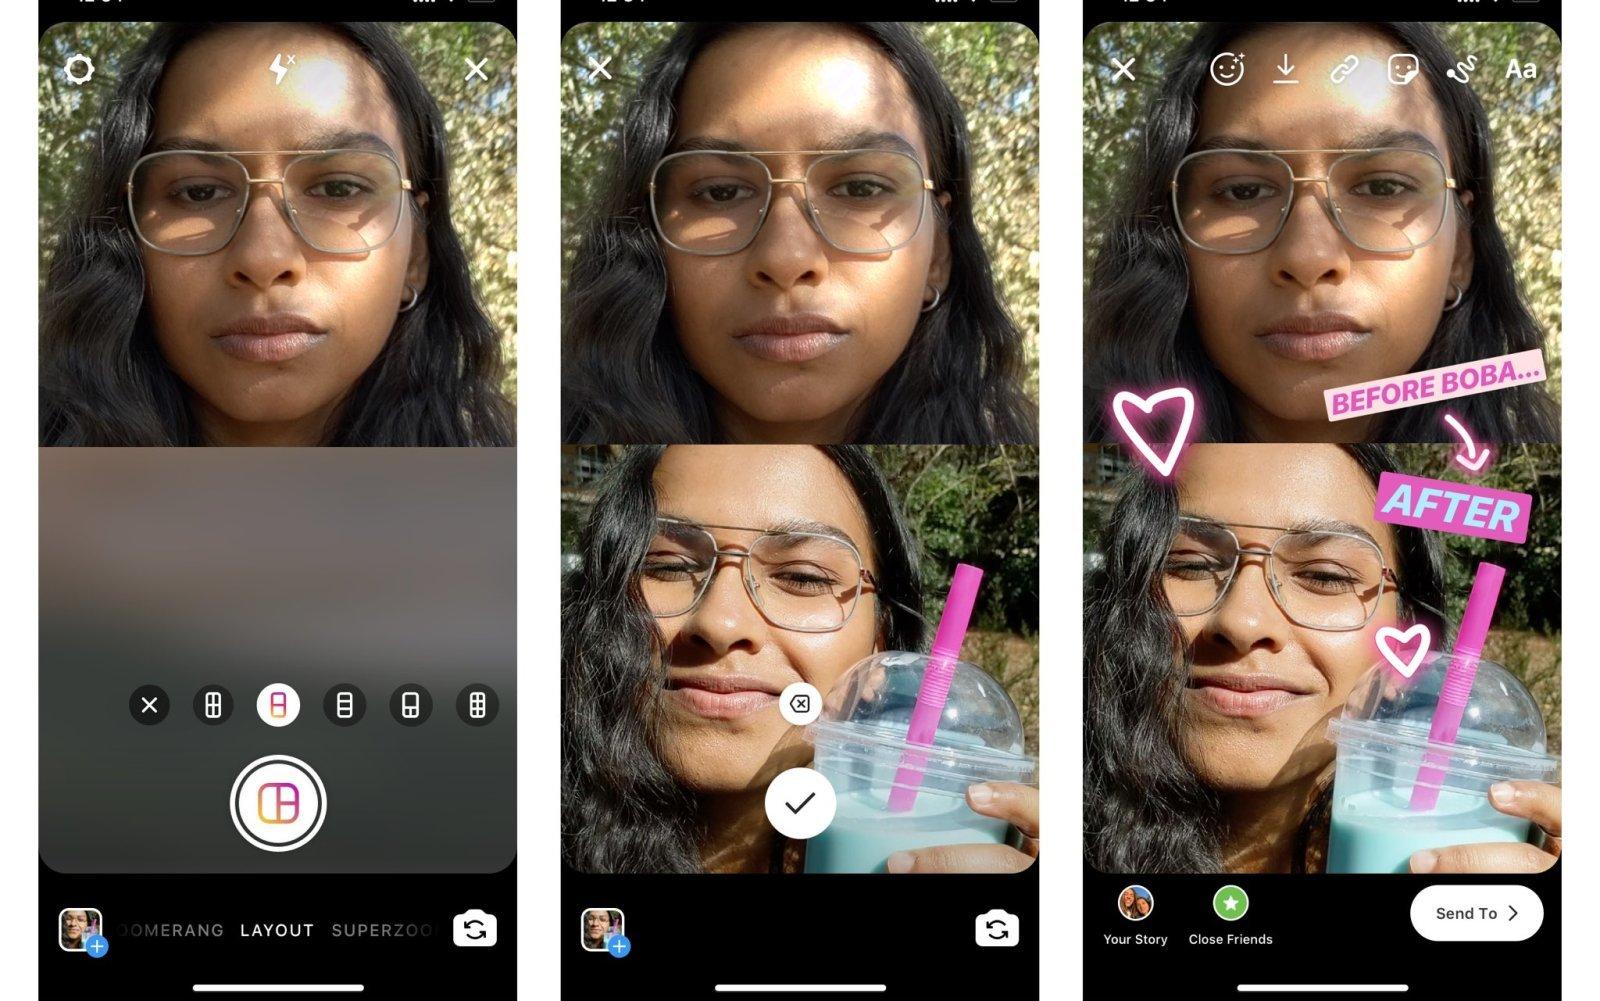 تطبيق إنستجرام يدعم الآن التقاط صور متعددة ومشاركتها في قصتك